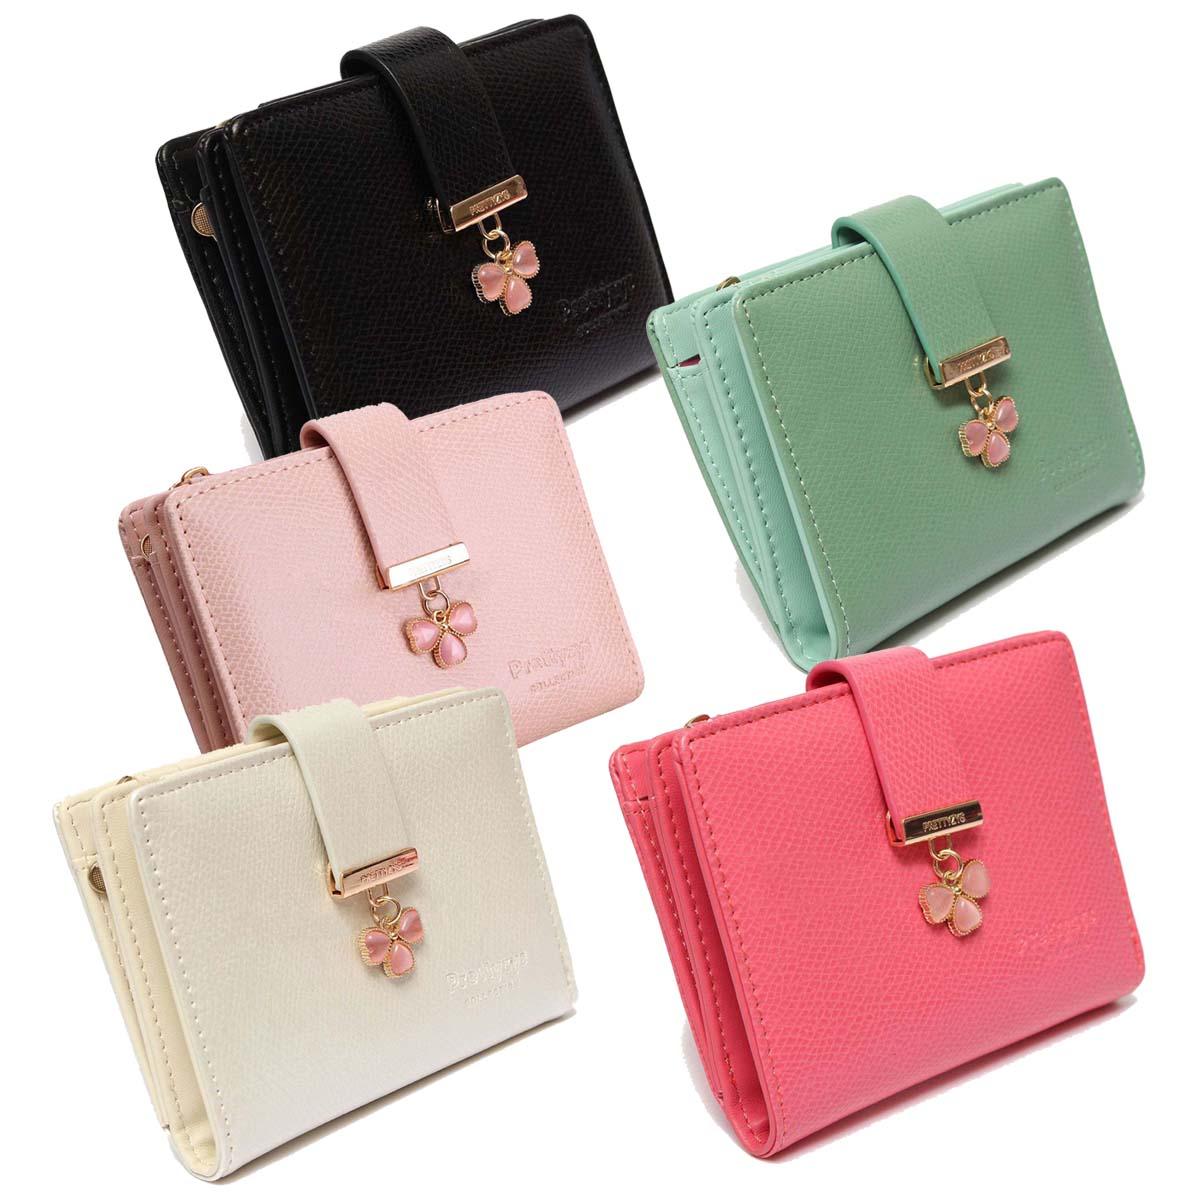 m9 prettyzys damen portmonee geldbeutel geldboerse brieftasche wallet purse ebay. Black Bedroom Furniture Sets. Home Design Ideas